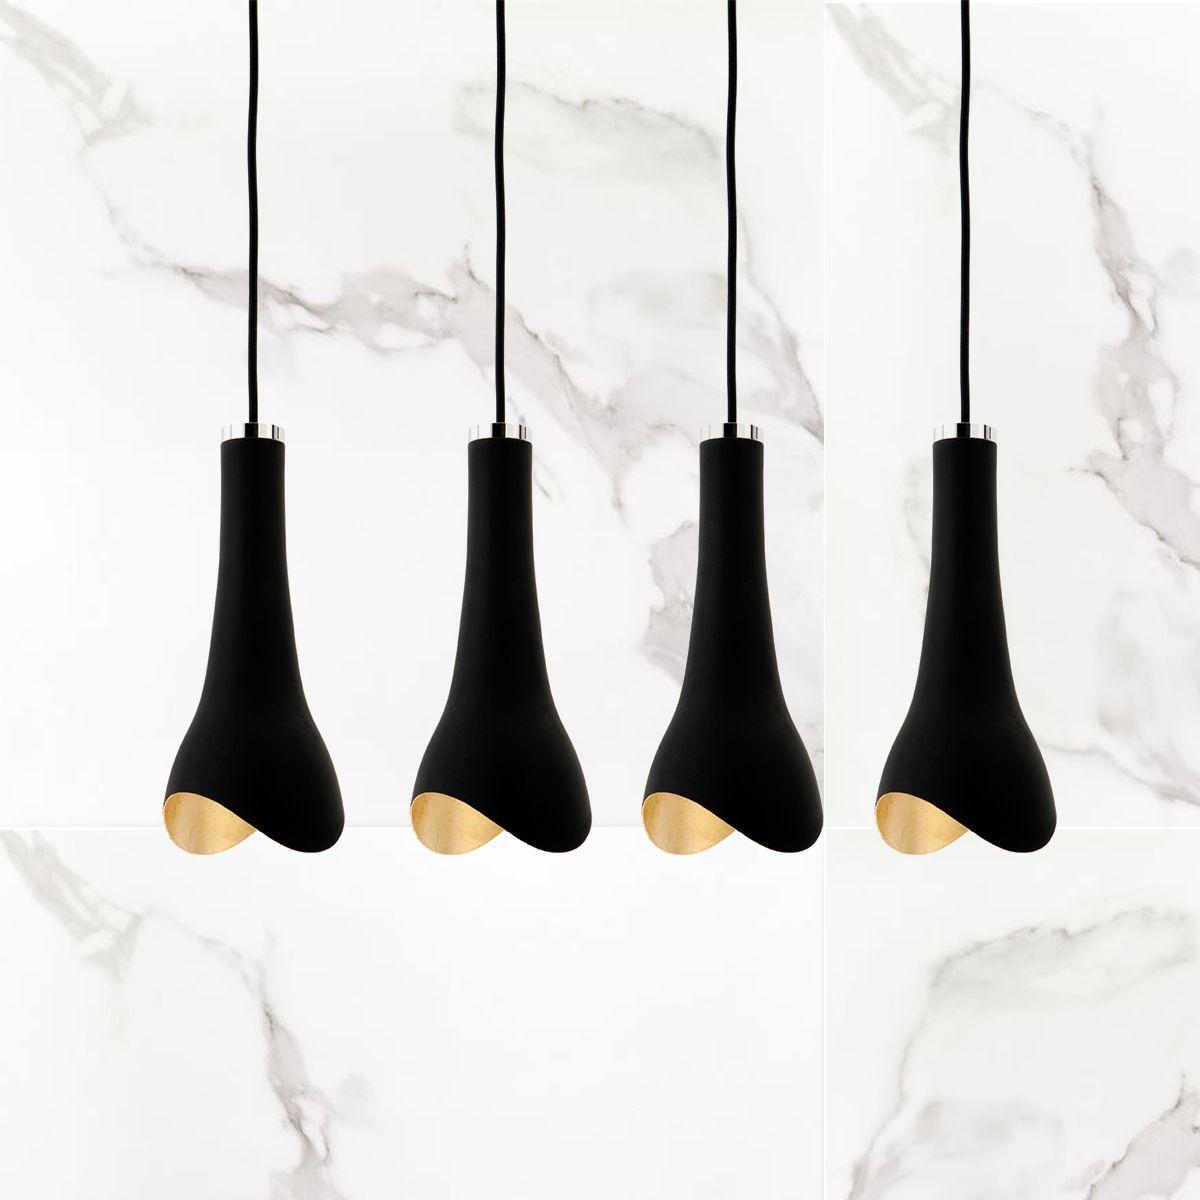 TRUNK By Dima Loginoff For Studio Italia Design Www.studioitaliadesign.comu2026 Photo